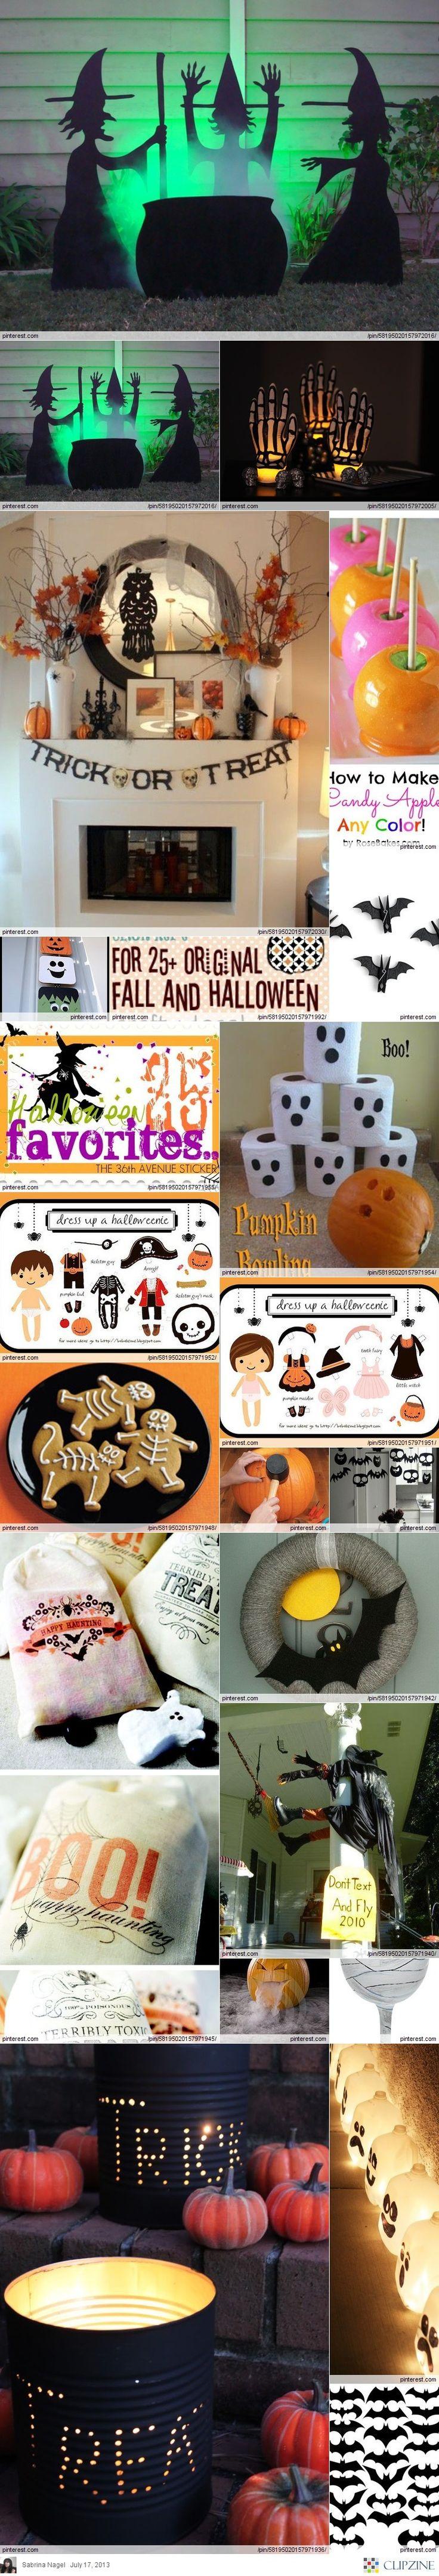 Lots of Fall / Halloween Ideas & food